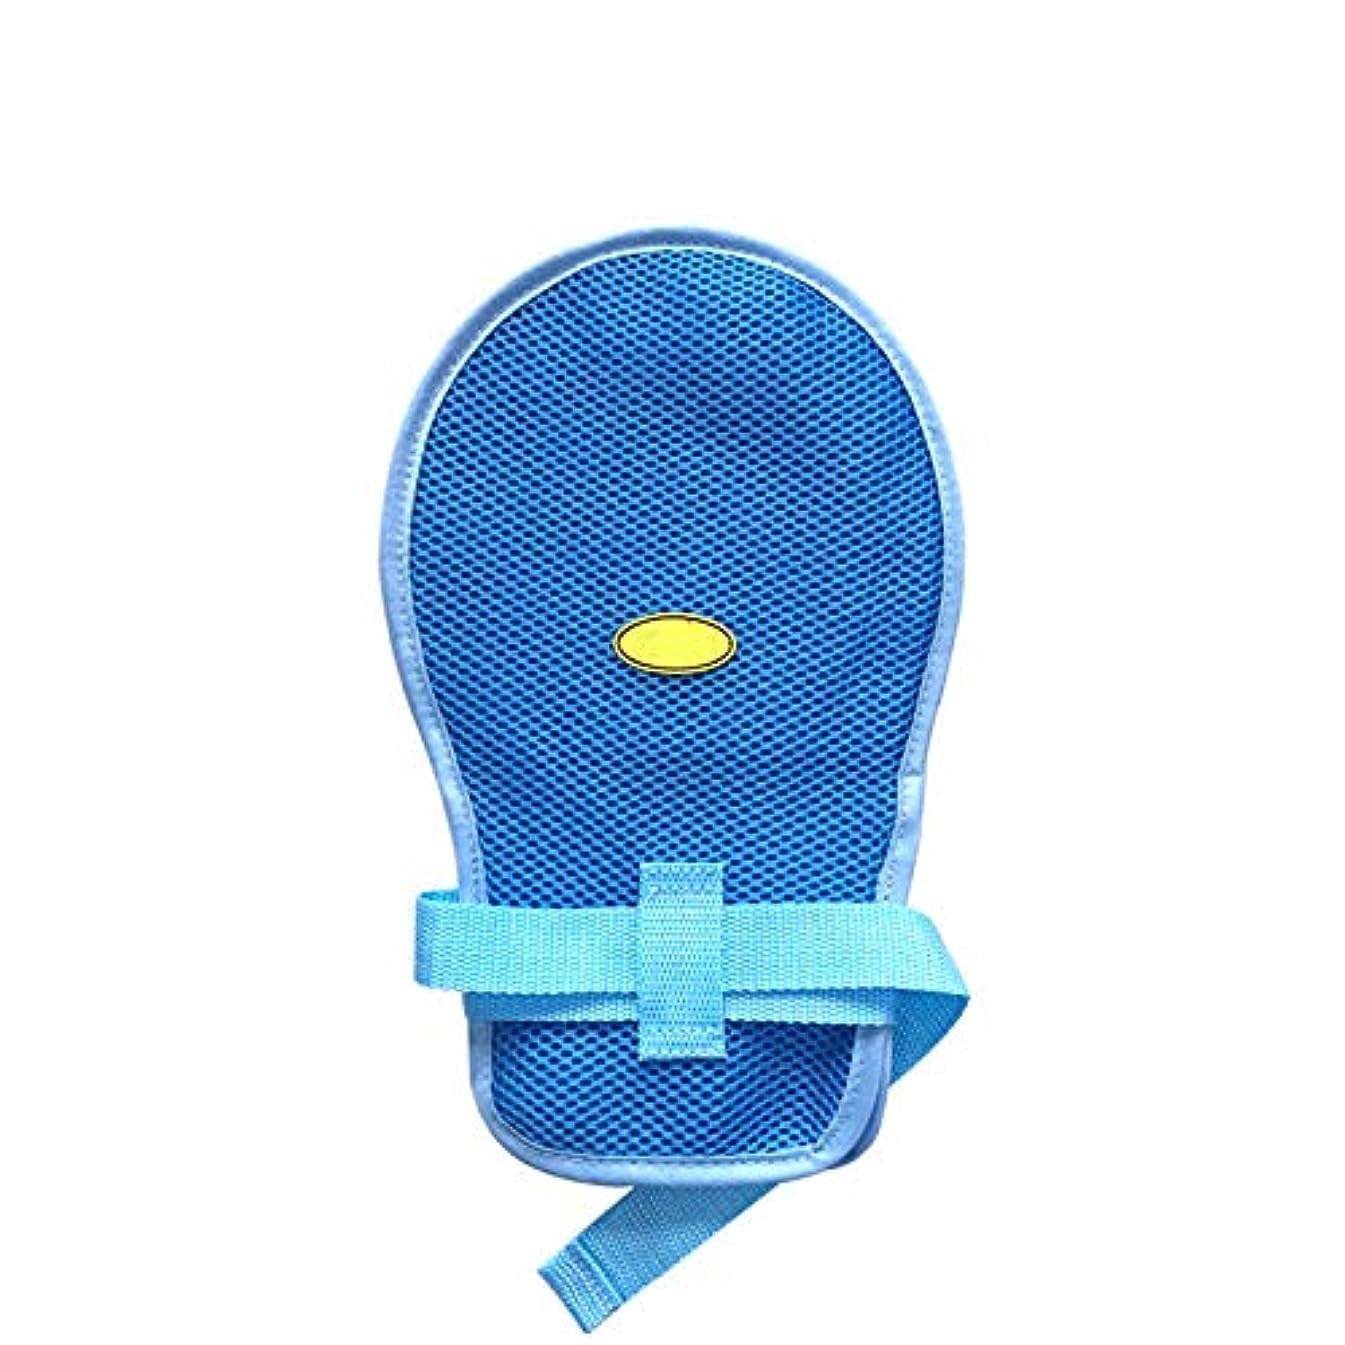 挨拶雑種重力医療用コントロールミット - ハンドプロテクターパッド入りミット - 高齢者認知症安全拘束手袋 - ワンサイズ(1個)